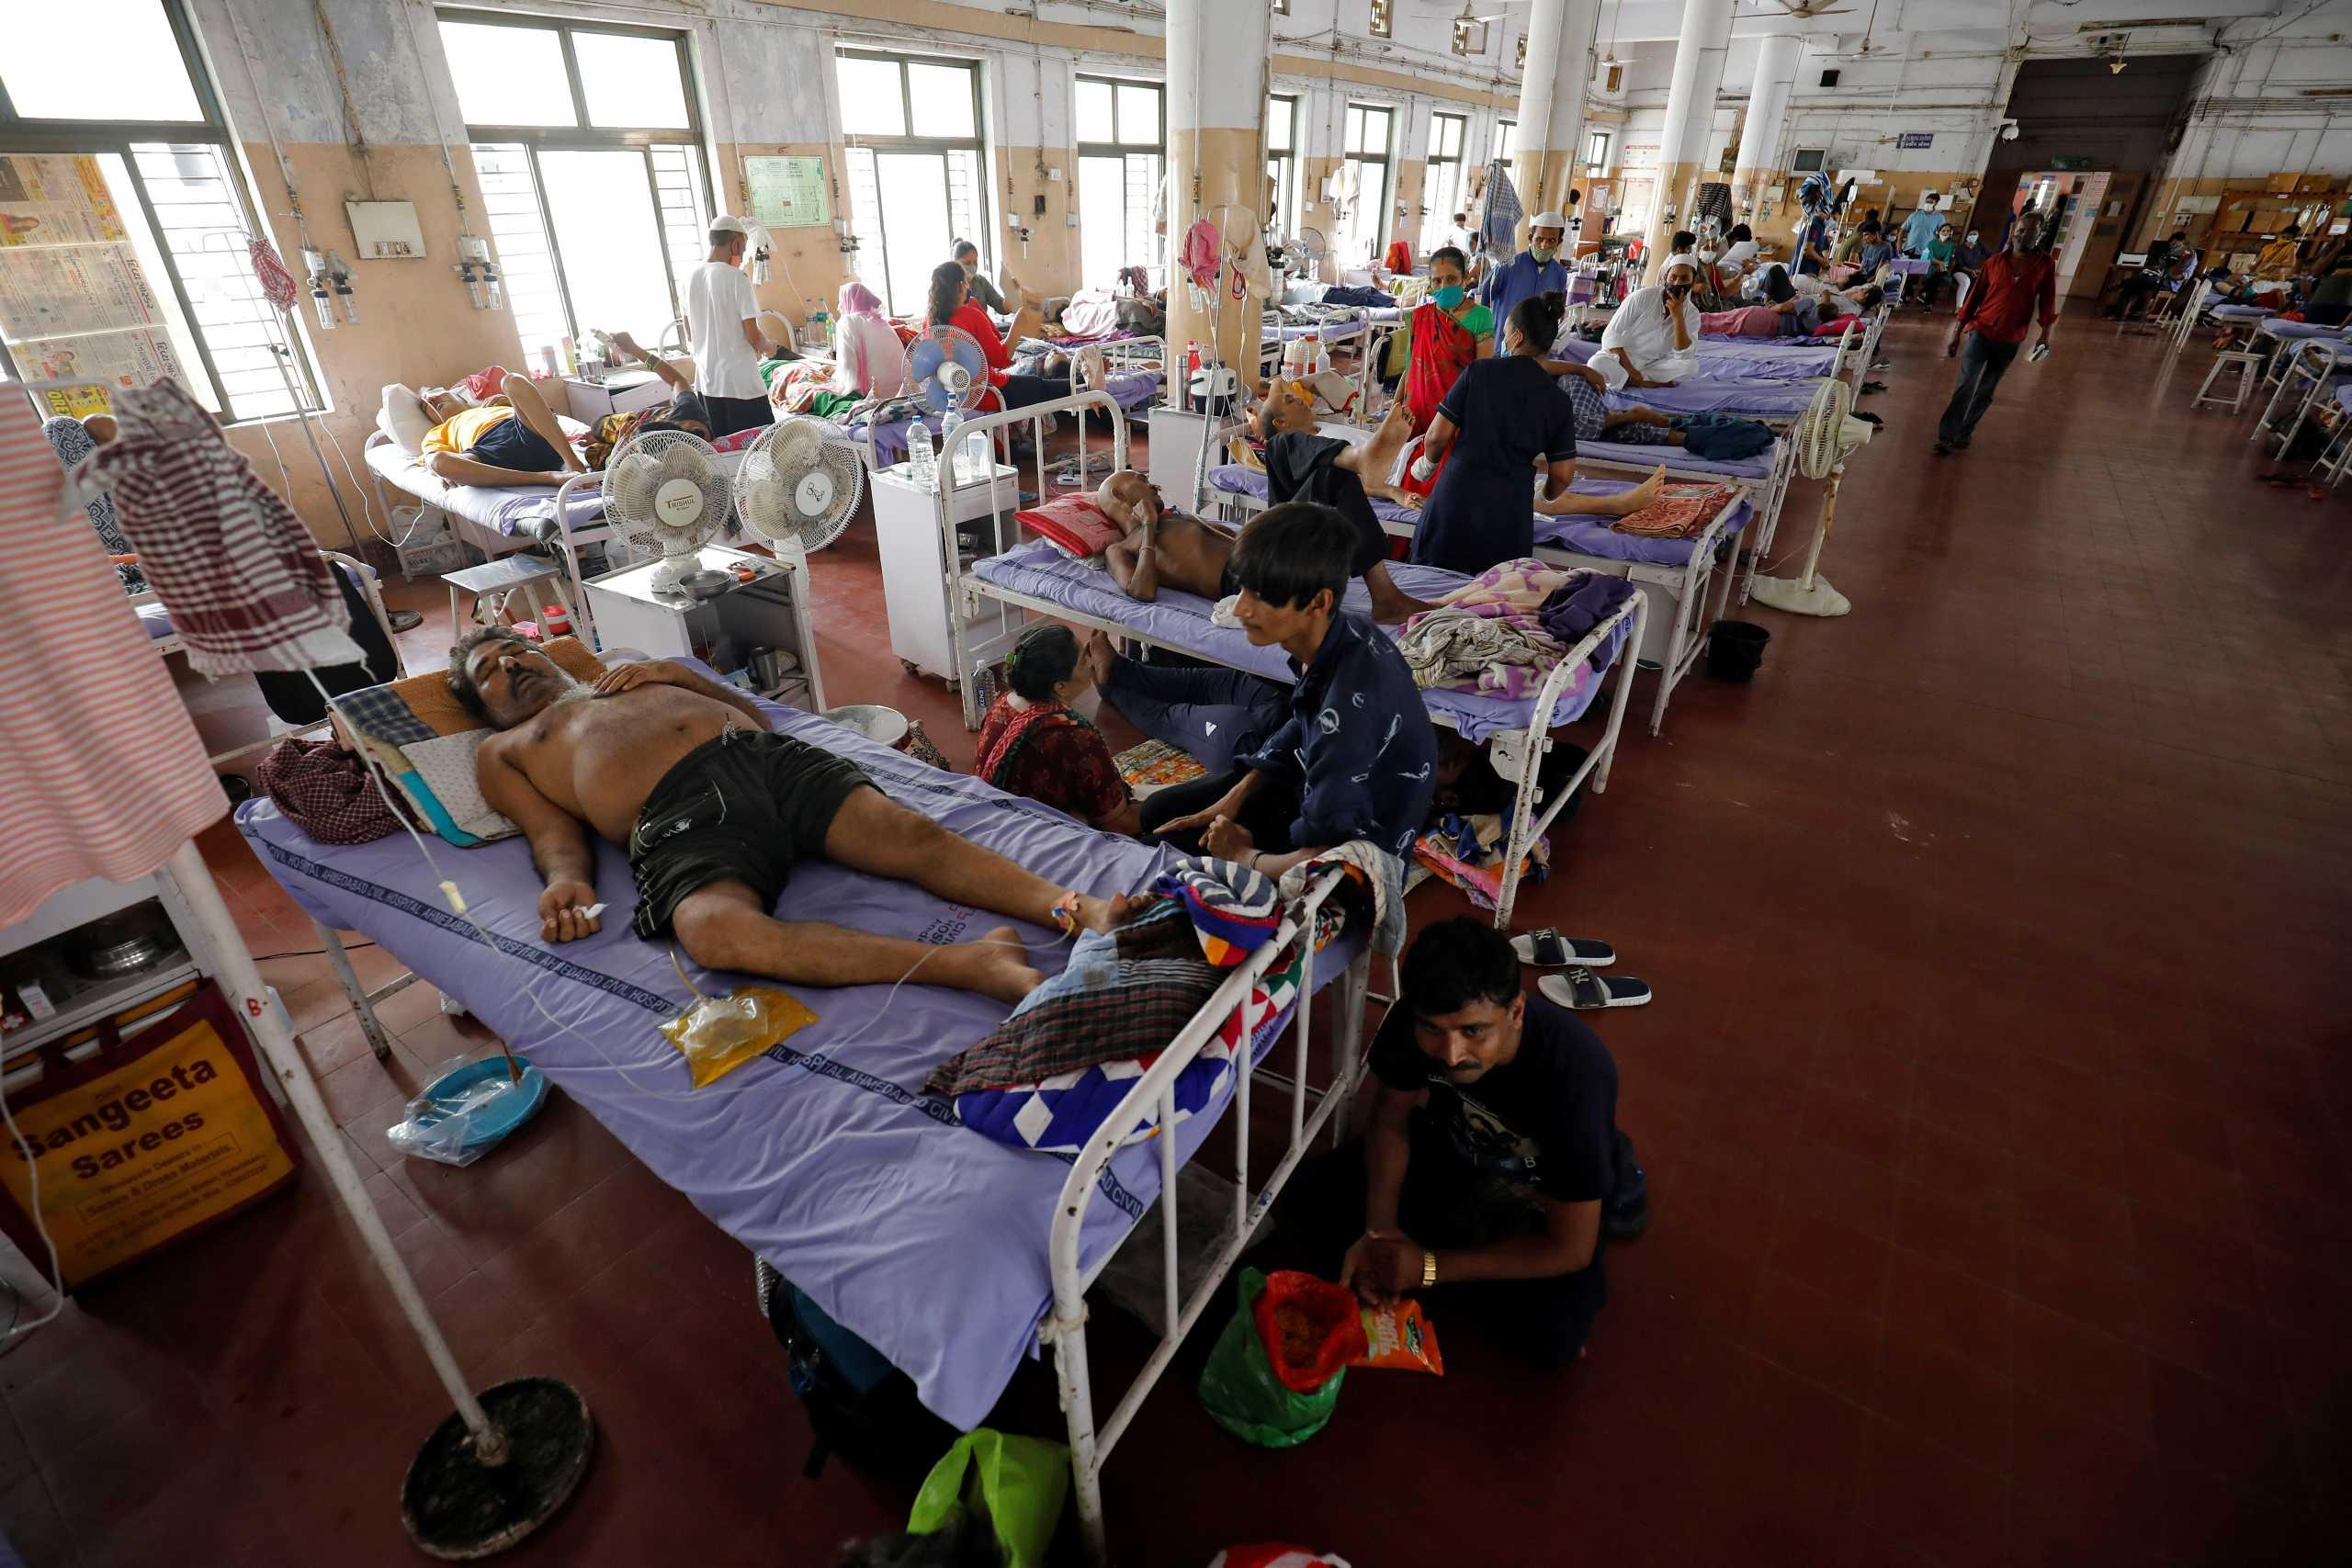 Κορονοϊός – Ινδία: 540 θάνατοι και 37.000 νέα κρούσματα στη «γενέτειρα» της μετάλλαξης Δέλτα